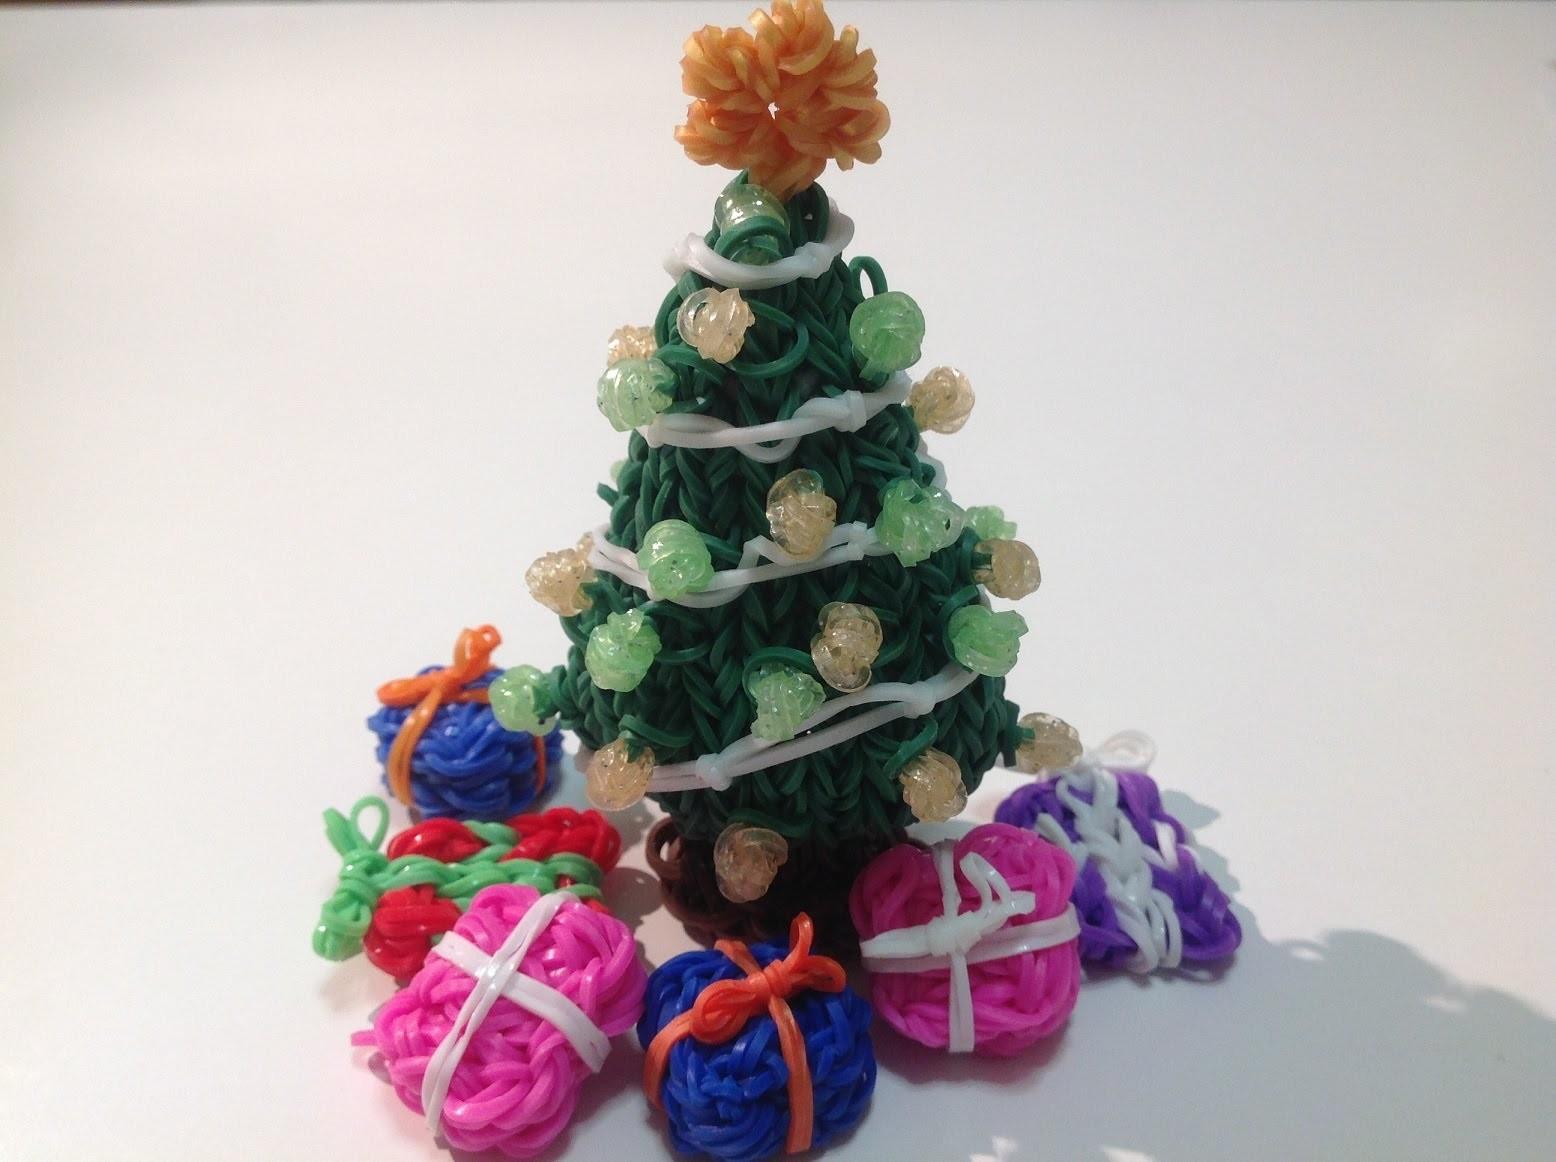 Rainbow Loom Nederlands, 3d kerstboom, deel 2